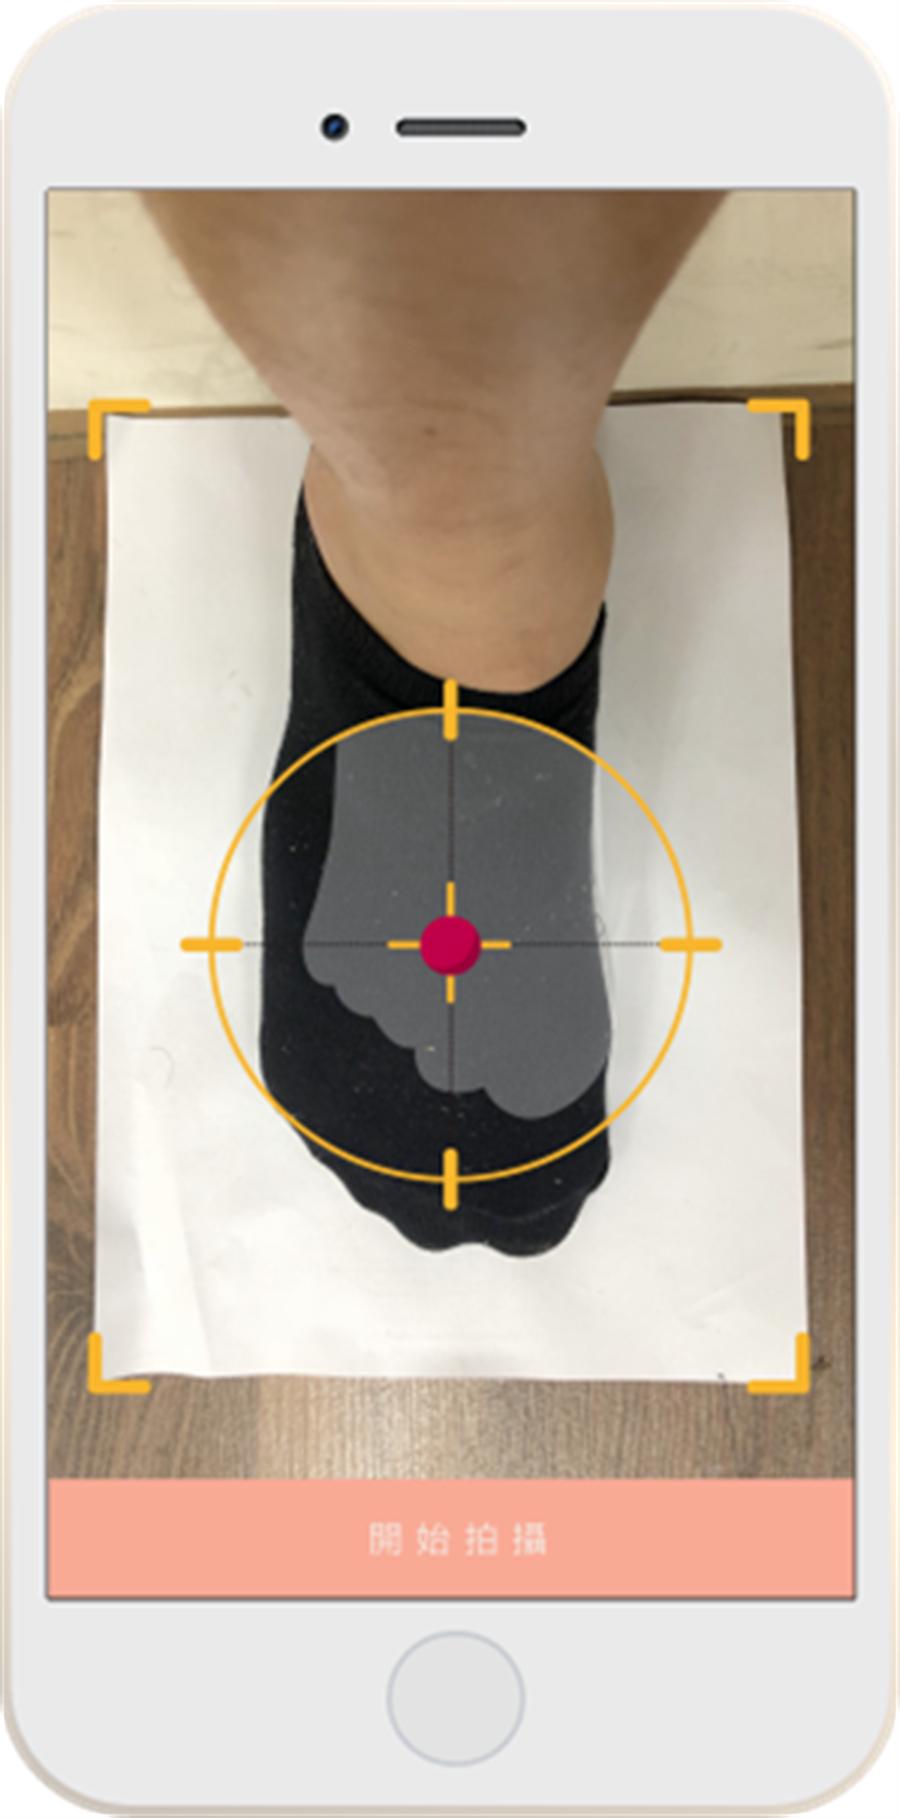 雲林科技大學工業工程與管理系師生研發「履適步爽」Foot-Fitting系統,使用者只用手機需拍幾張足部影像上傳到系統,即可獲得最適穿鞋碼及版型。(中華創新發明學會提供)